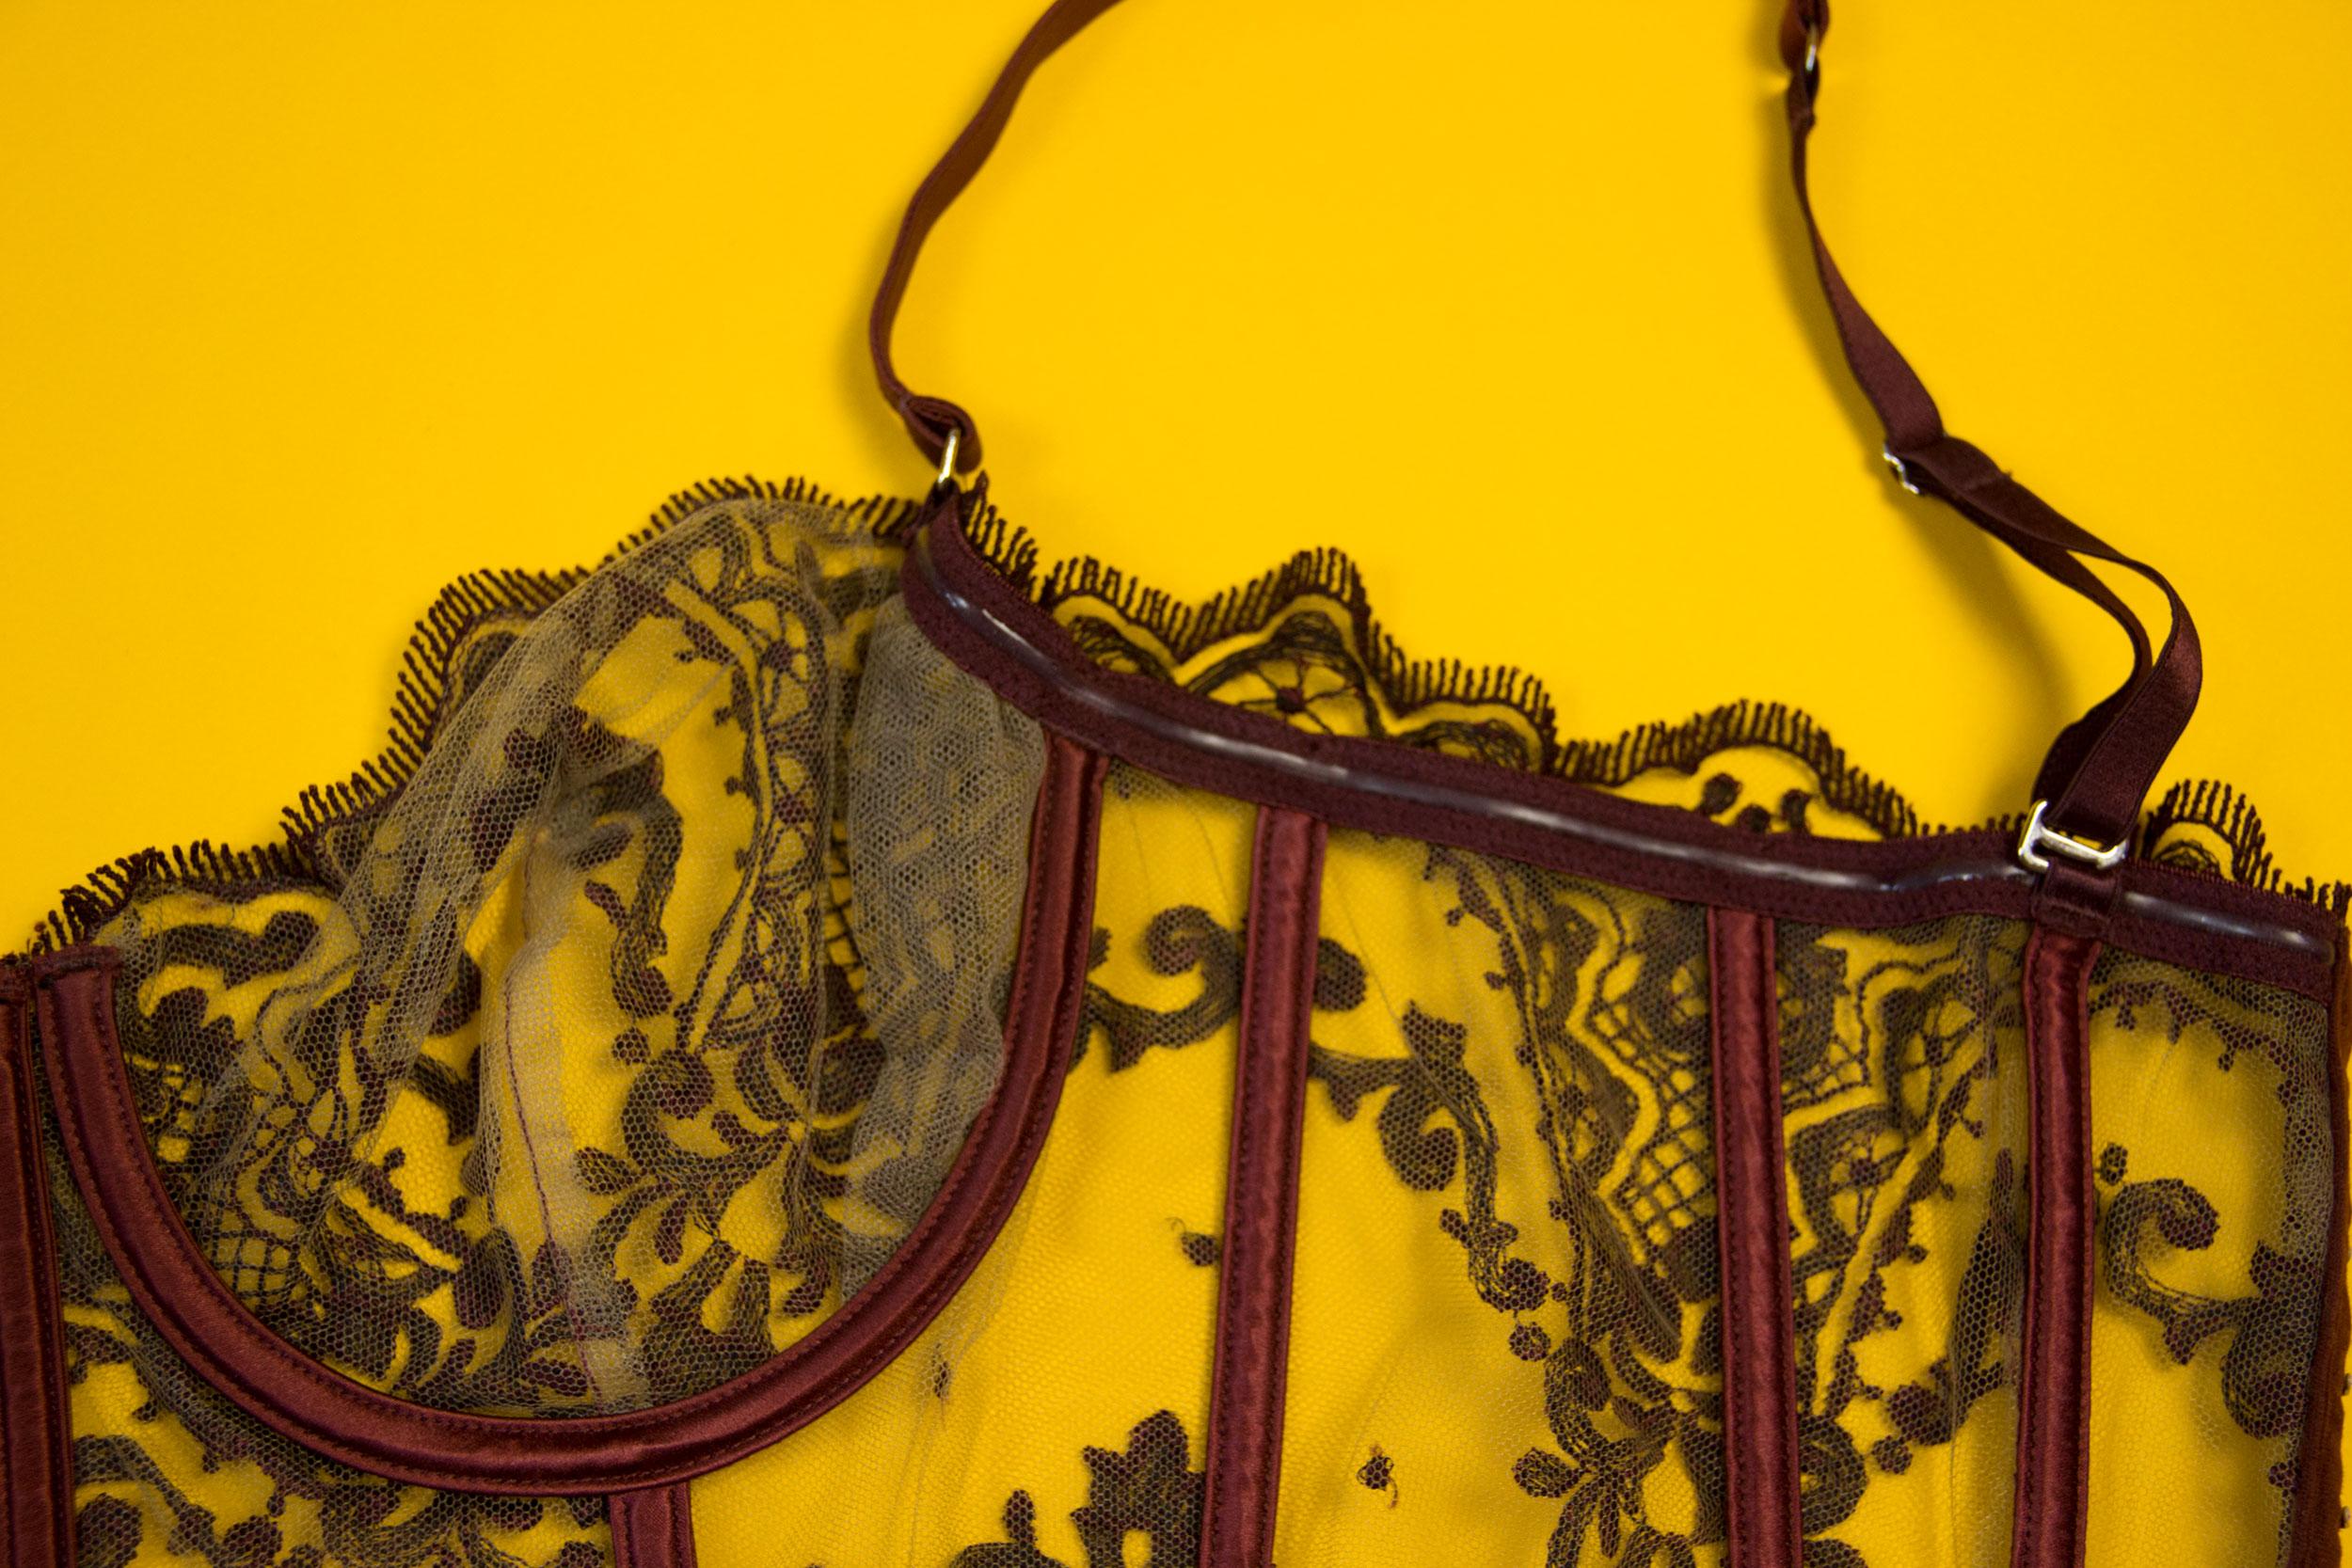 Обзор удлинённого бюстгальтера I.D.Sarrieri на garterblog.ru. Все права защищены